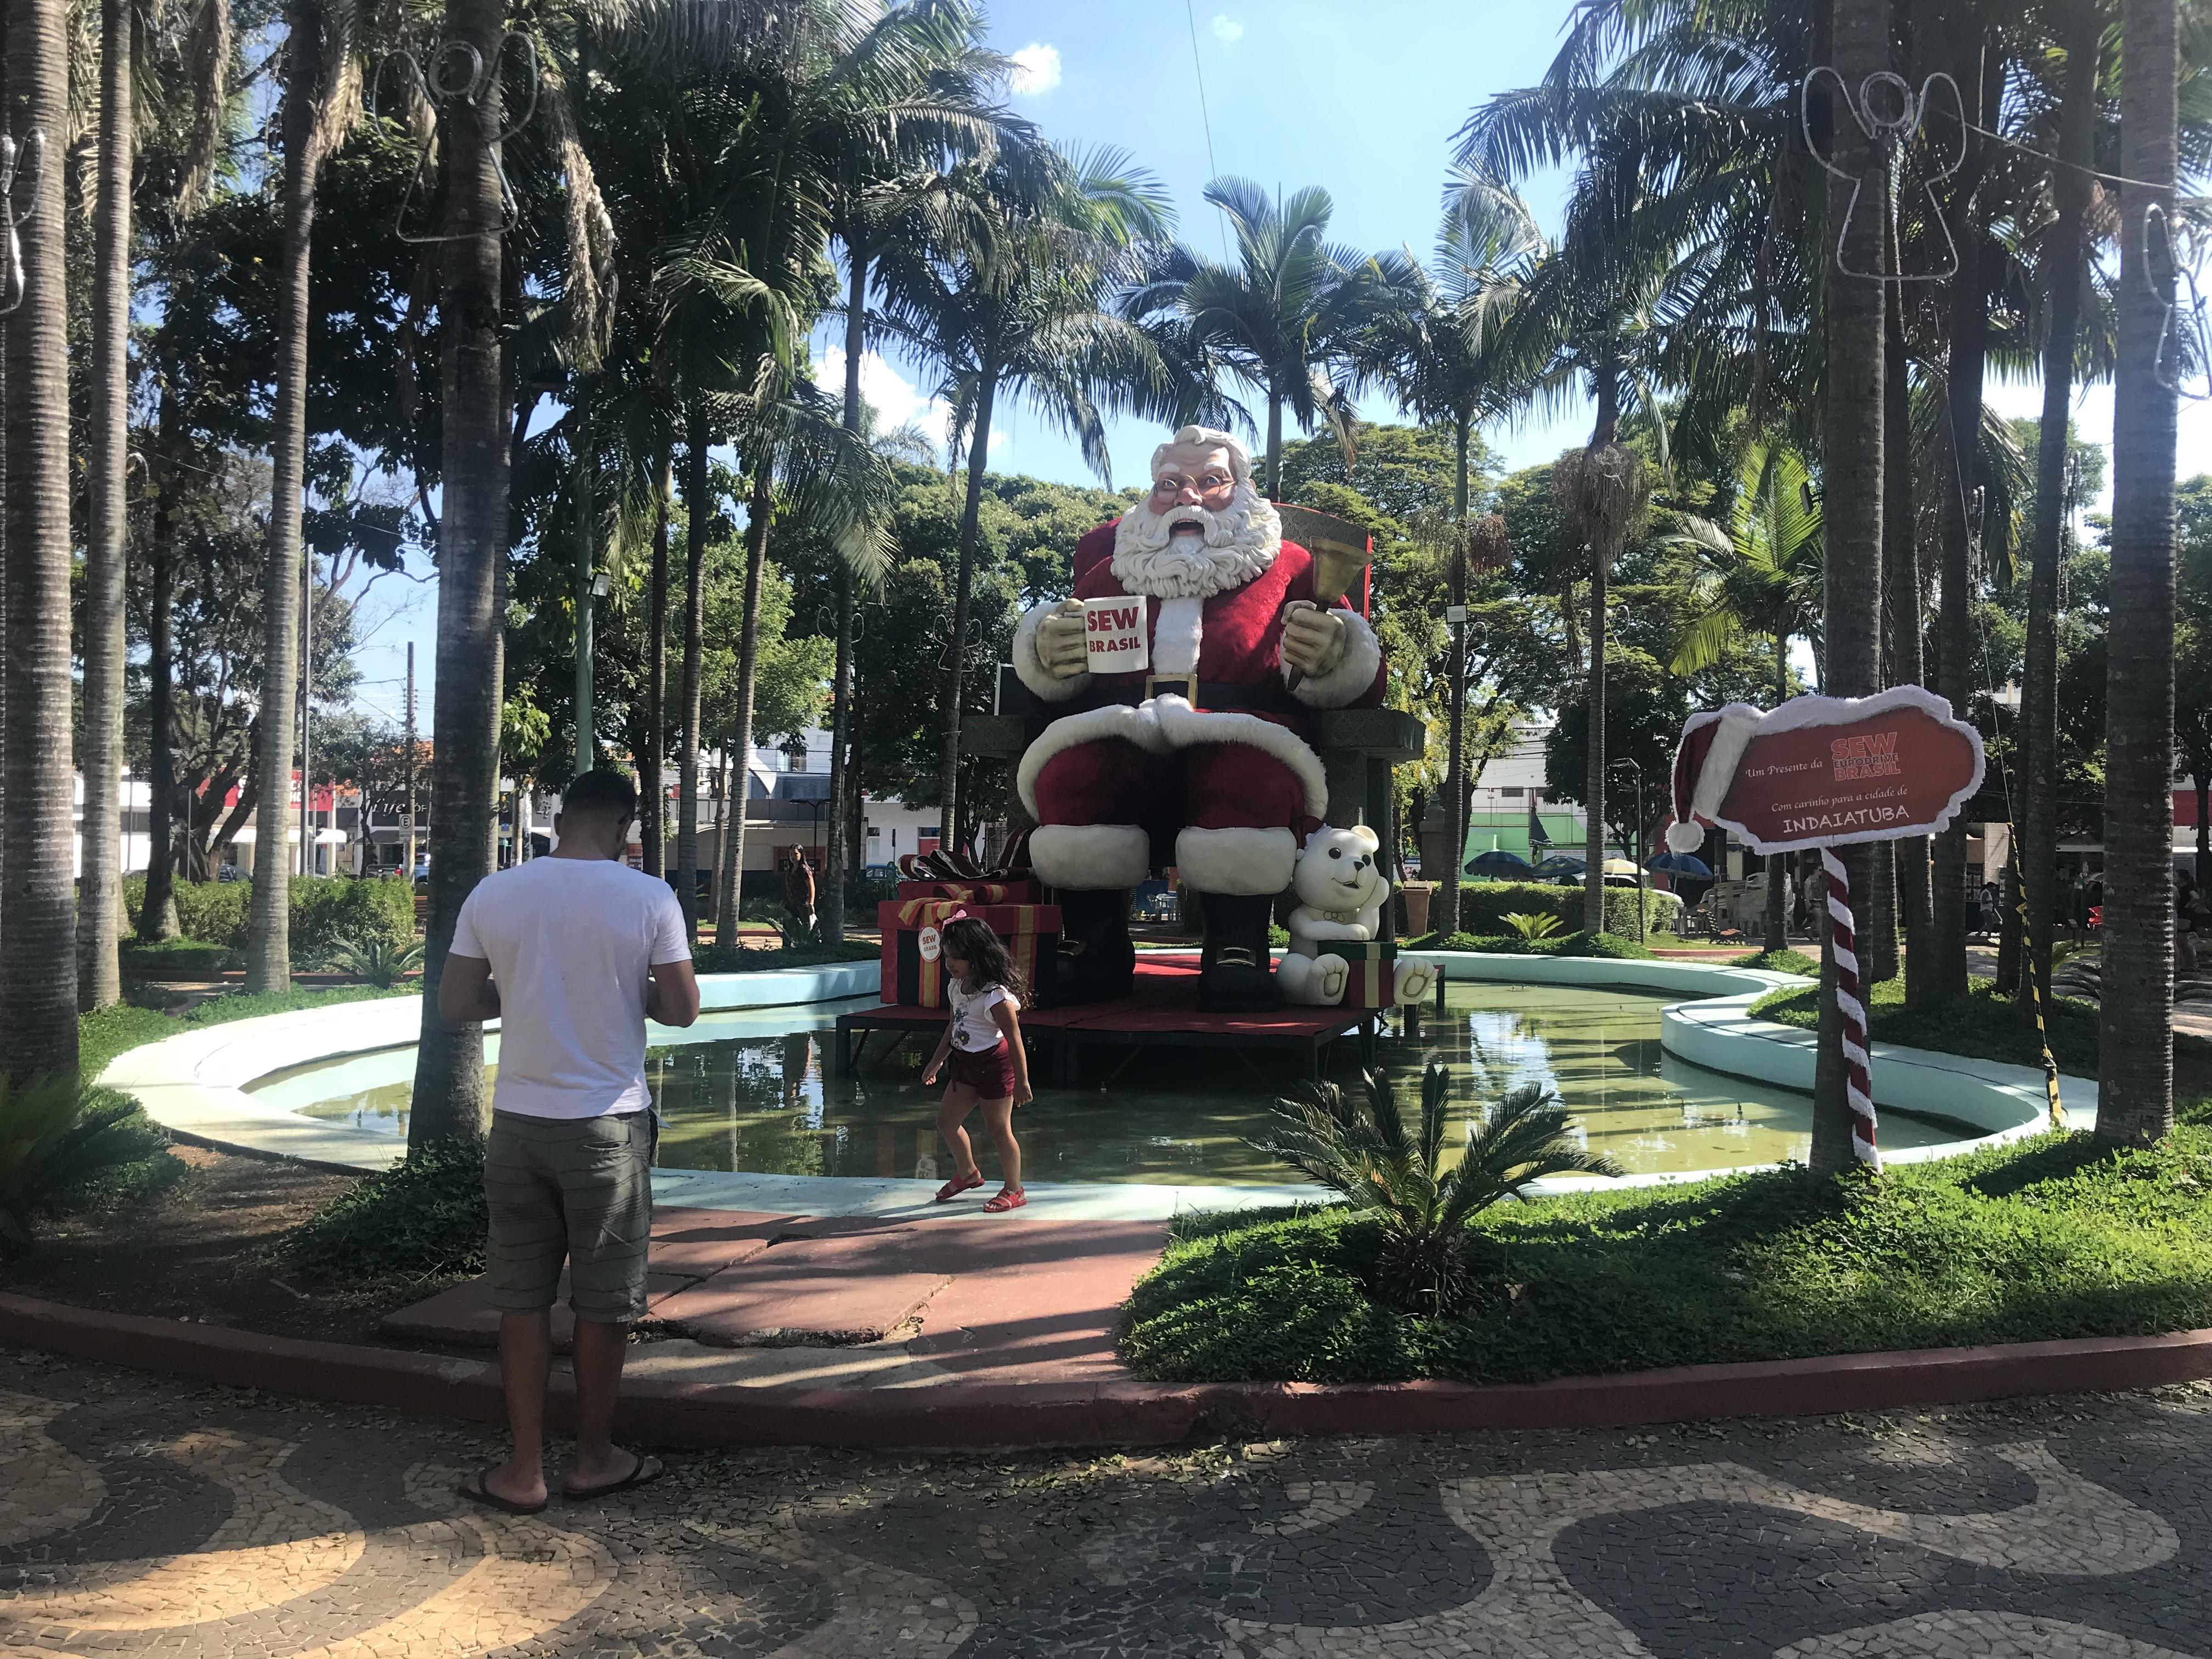 ブラジルのクリスマス事情 さわやかNo.35